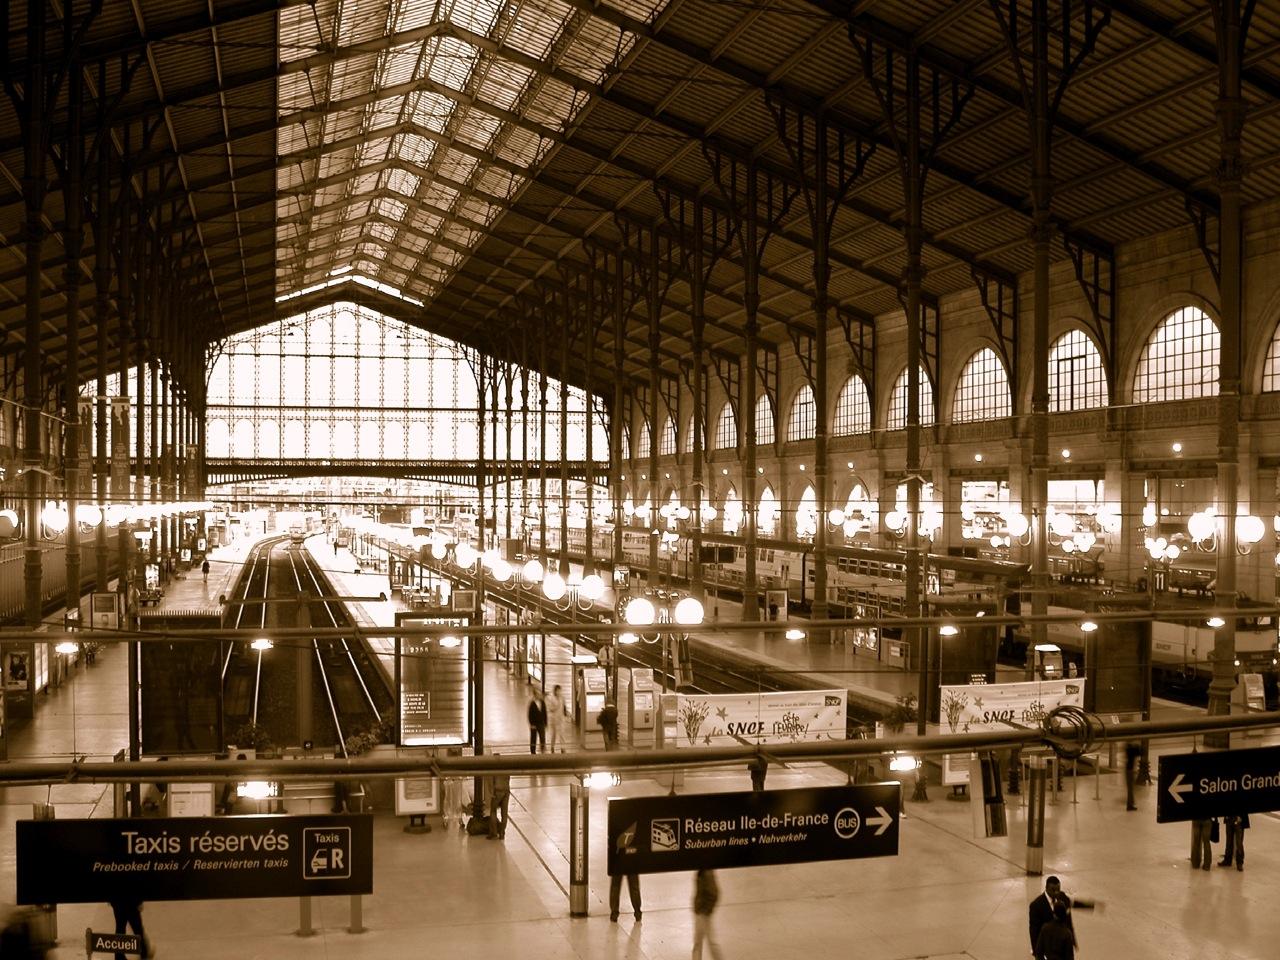 Als ich ging waren im Bahnhof die Lichter angegangen. Eine sehr schöne Bahnhofshalle wie ich finde. Und die Atmosphäre ist so richtig schön bahnhofig, mit den Durchsagen und den eiligen Leuten und den ein- und ausfahrenden TGVs.